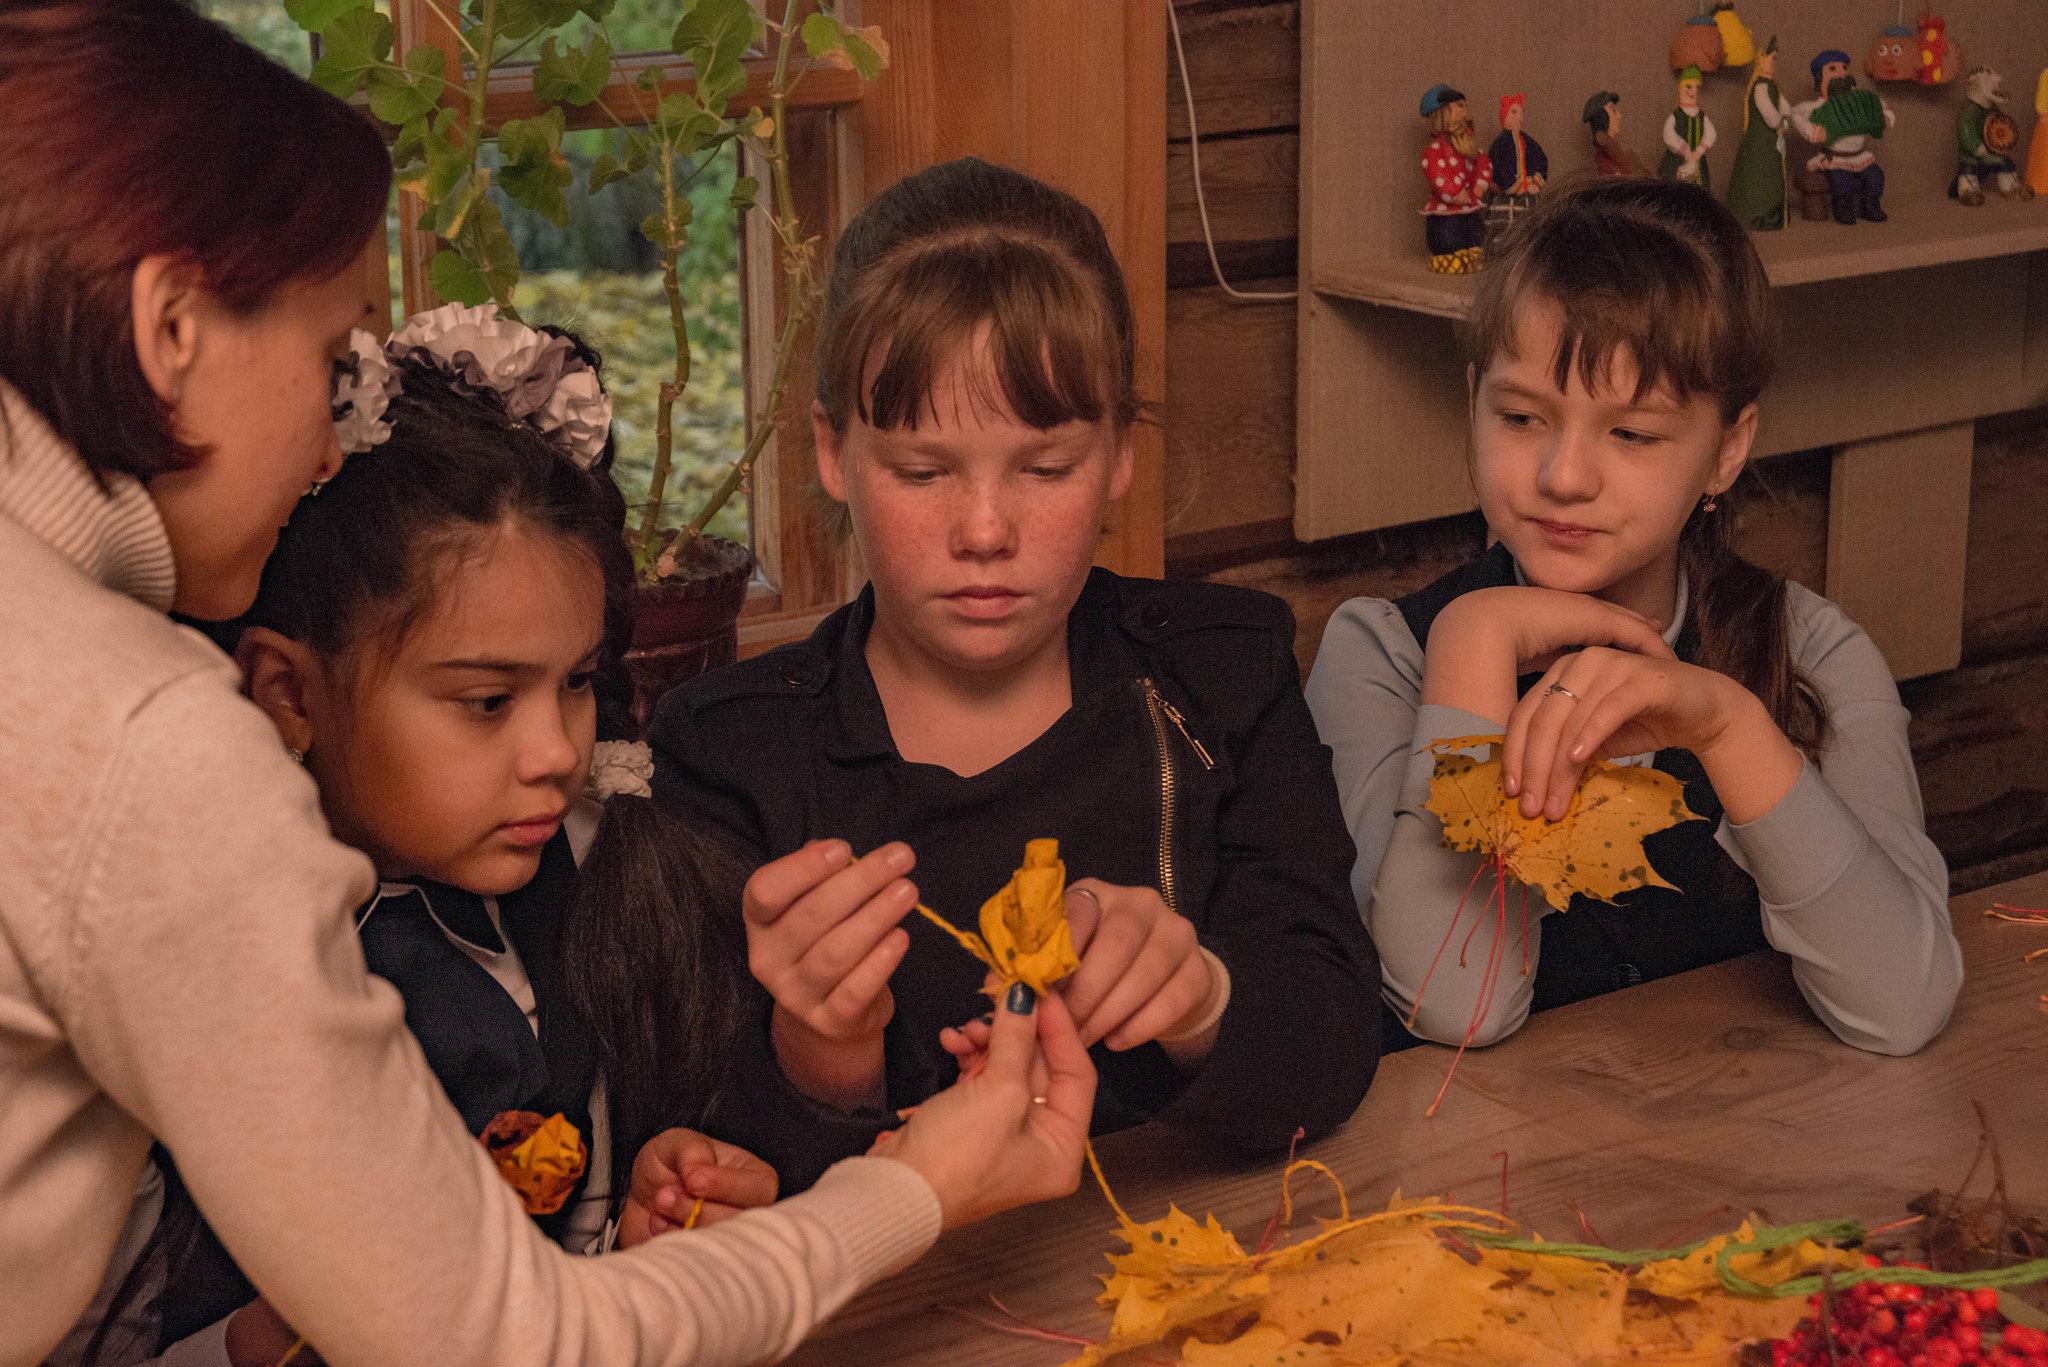 Интерактивное занятие Подарки осени, где почитатели поэта составляли воздушные золотые композиции из листьев